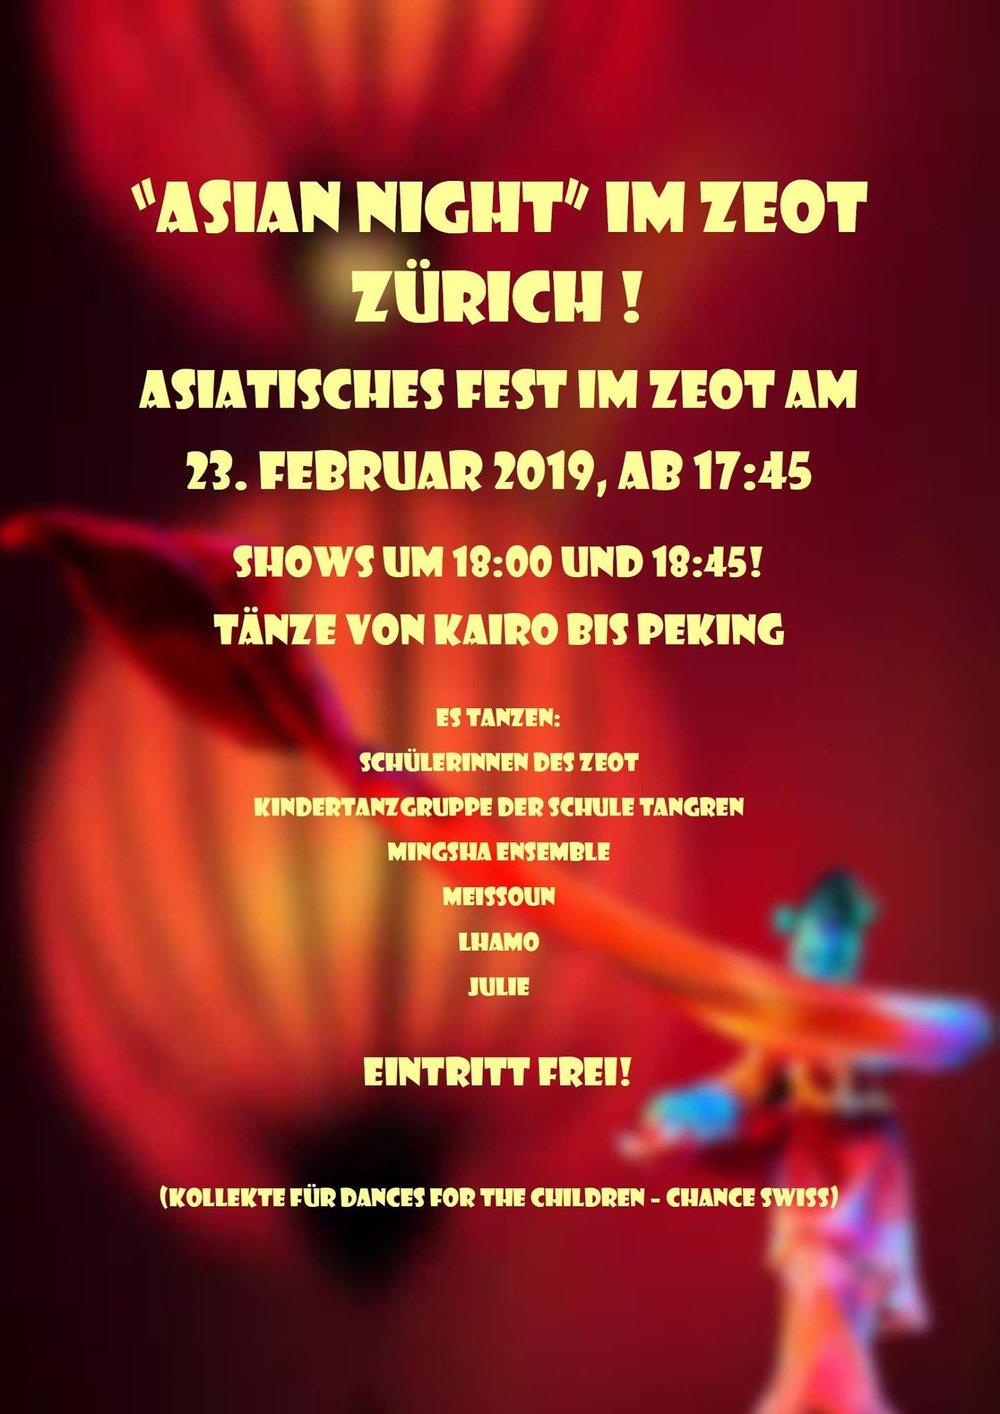 Asiatisches fest Zurich